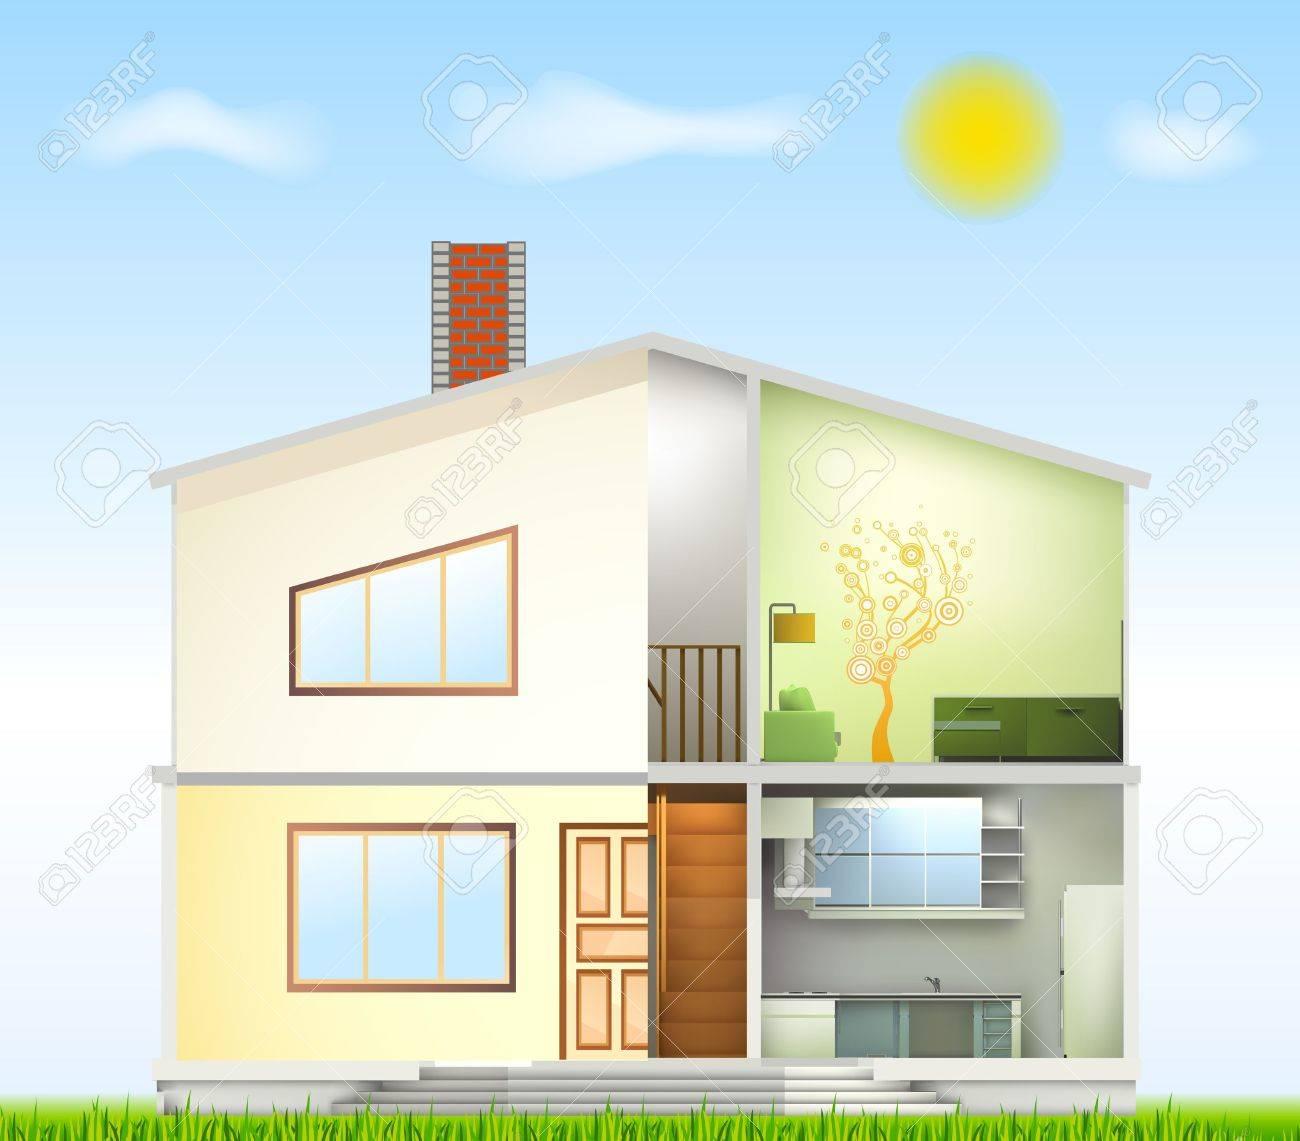 Schneiden Sie Im Haus Innenräume Und Fassade Teil Lizenzfrei ...